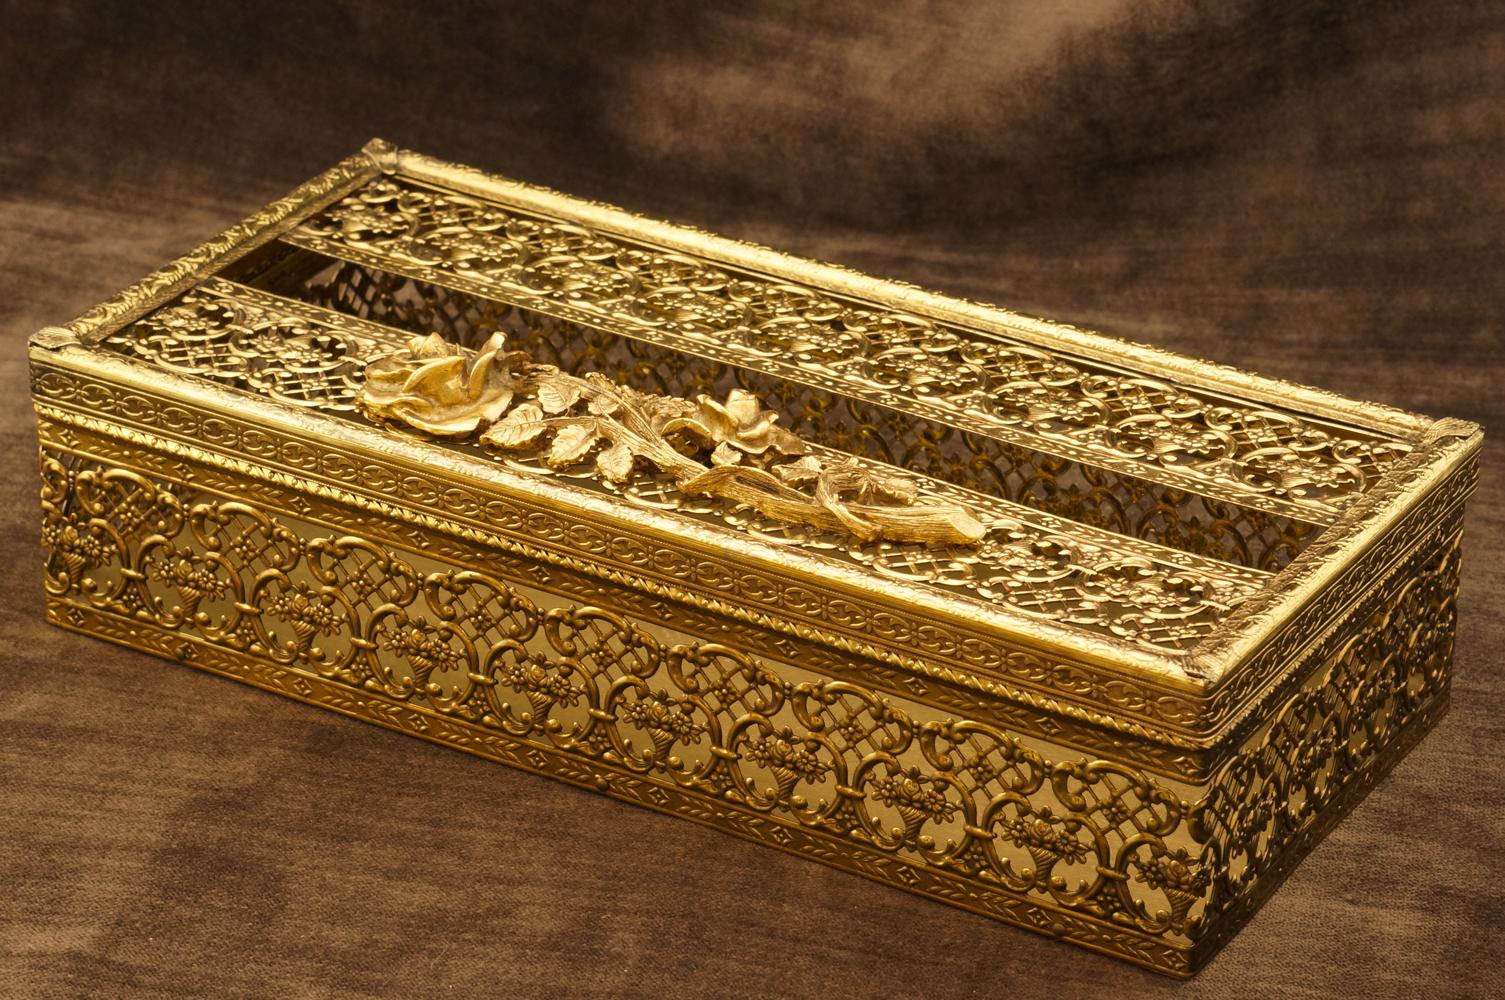 マトソン製 ゴールド ローズ ティッシュボックス